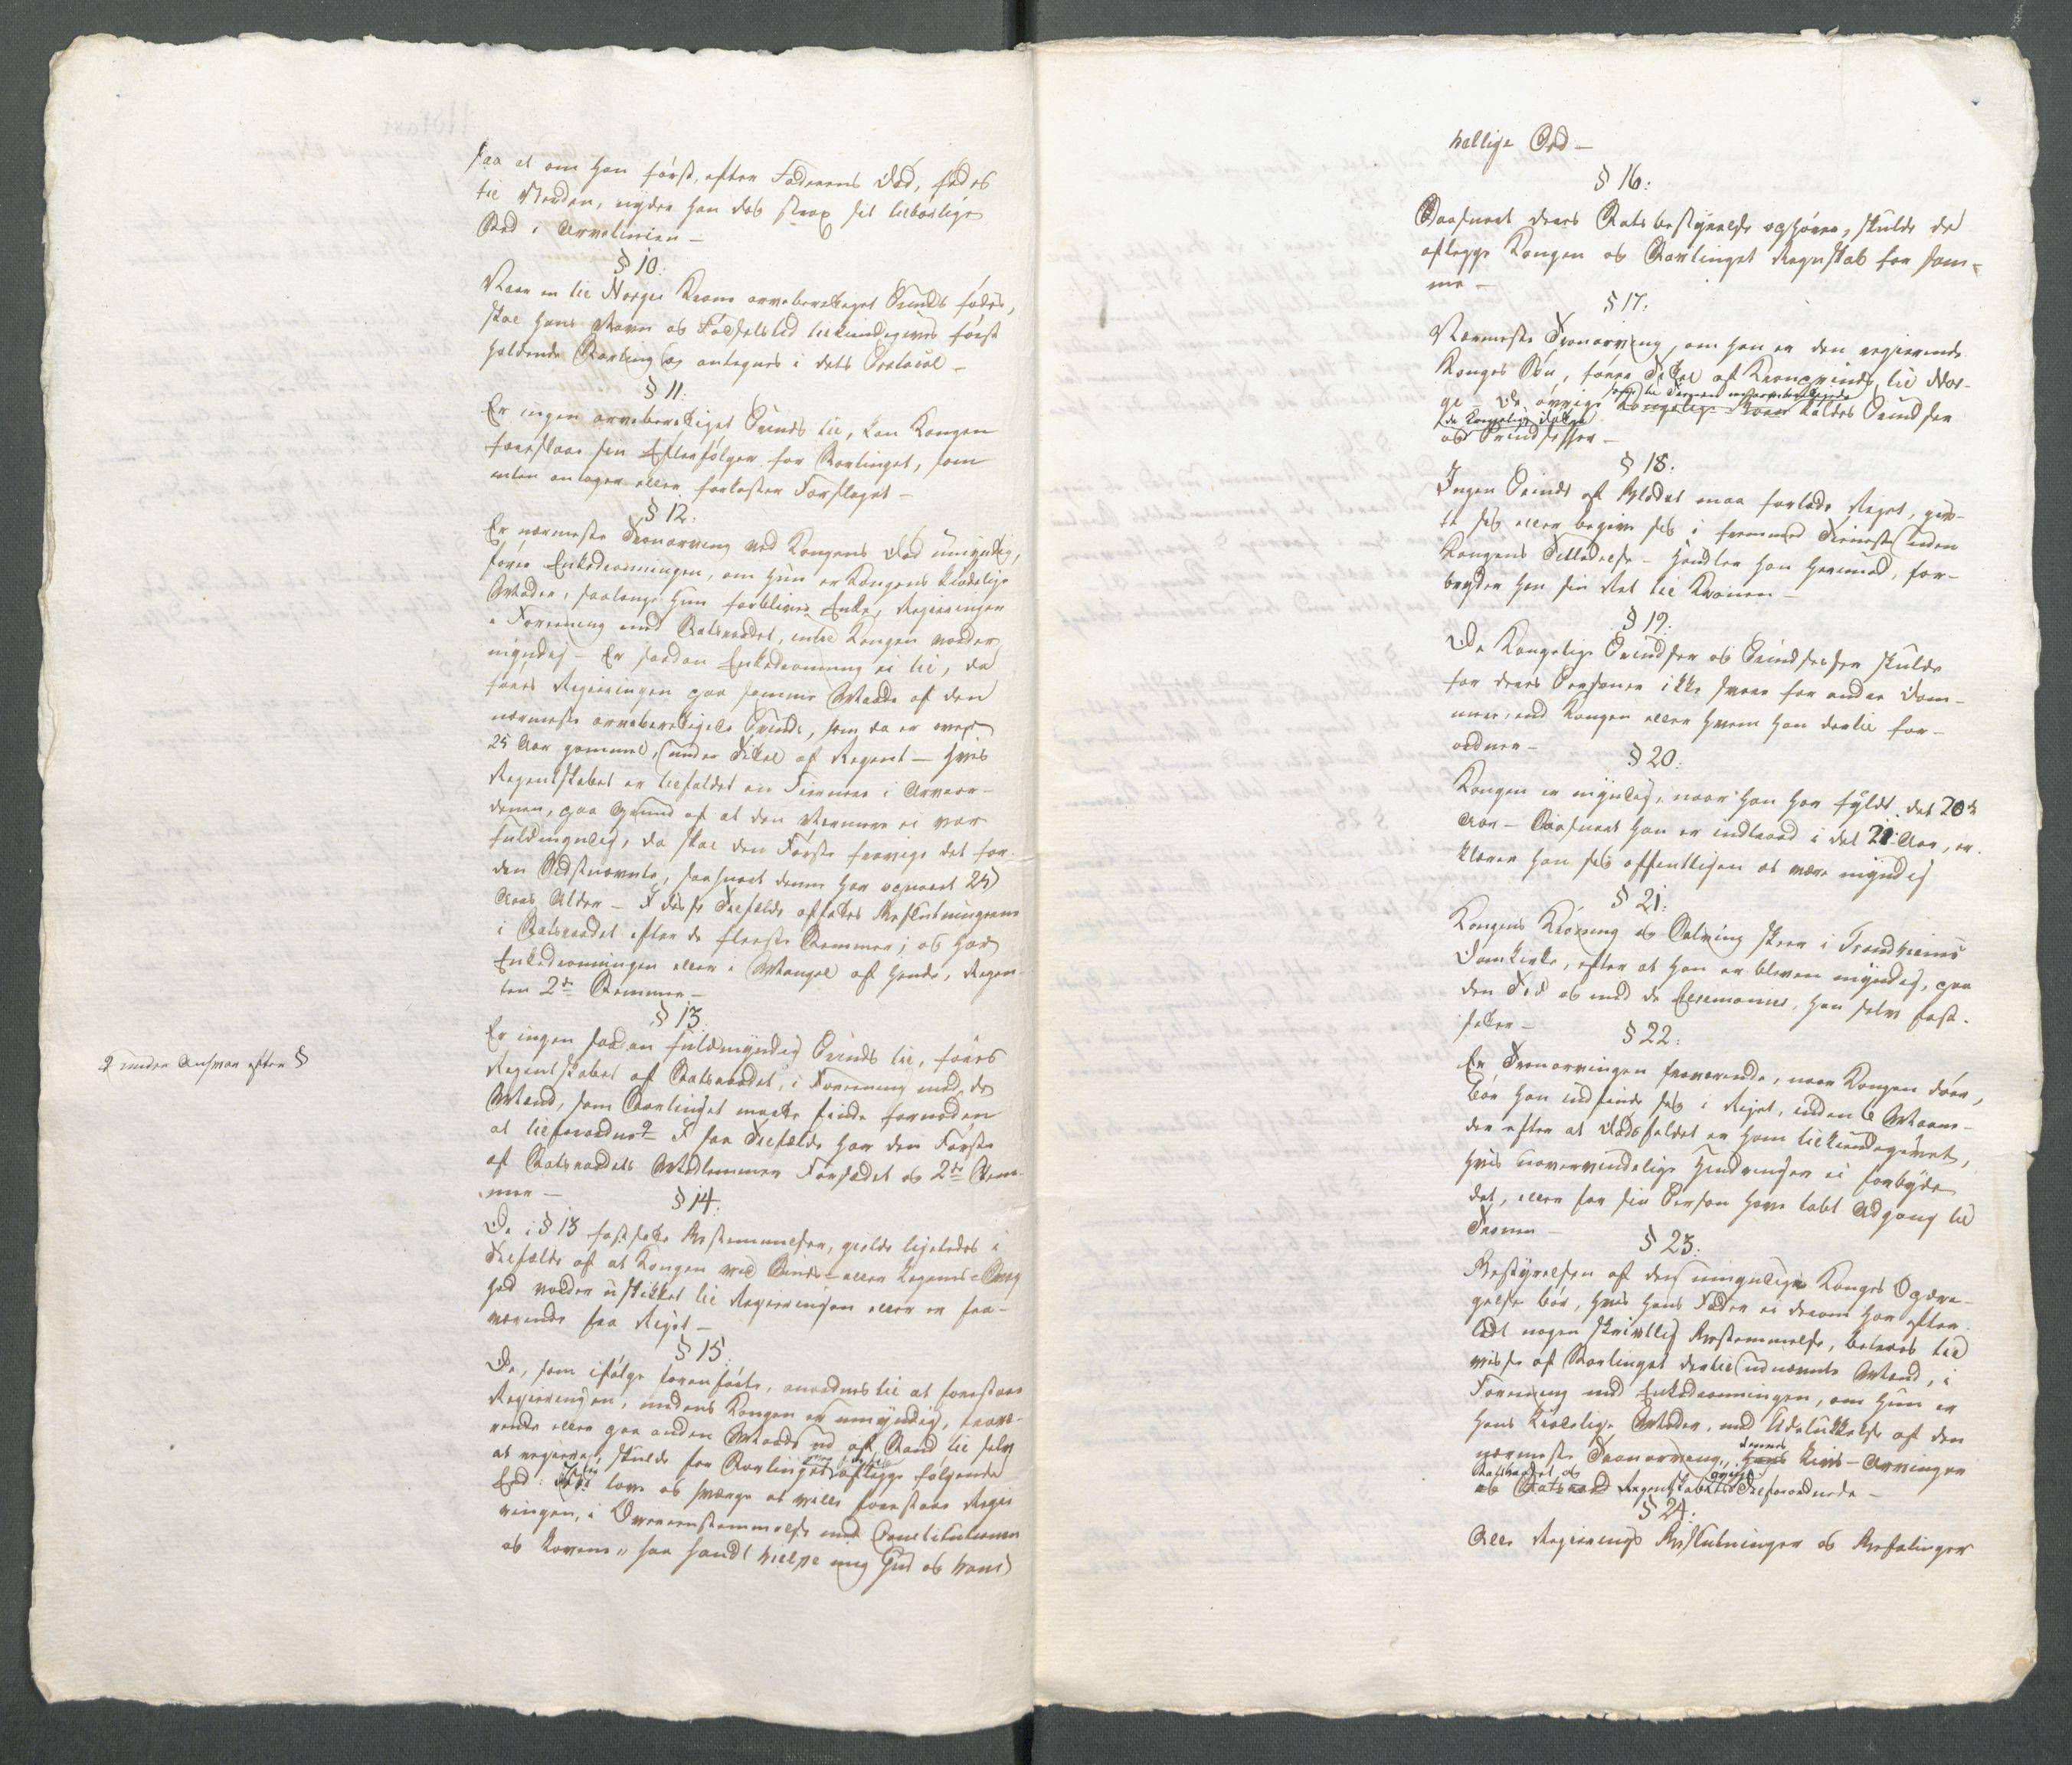 RA, Forskjellige samlinger, Historisk-kronologisk samling, G/Ga/L0009A: Historisk-kronologisk samling. Dokumenter fra januar og ut september 1814. , 1814, s. 148